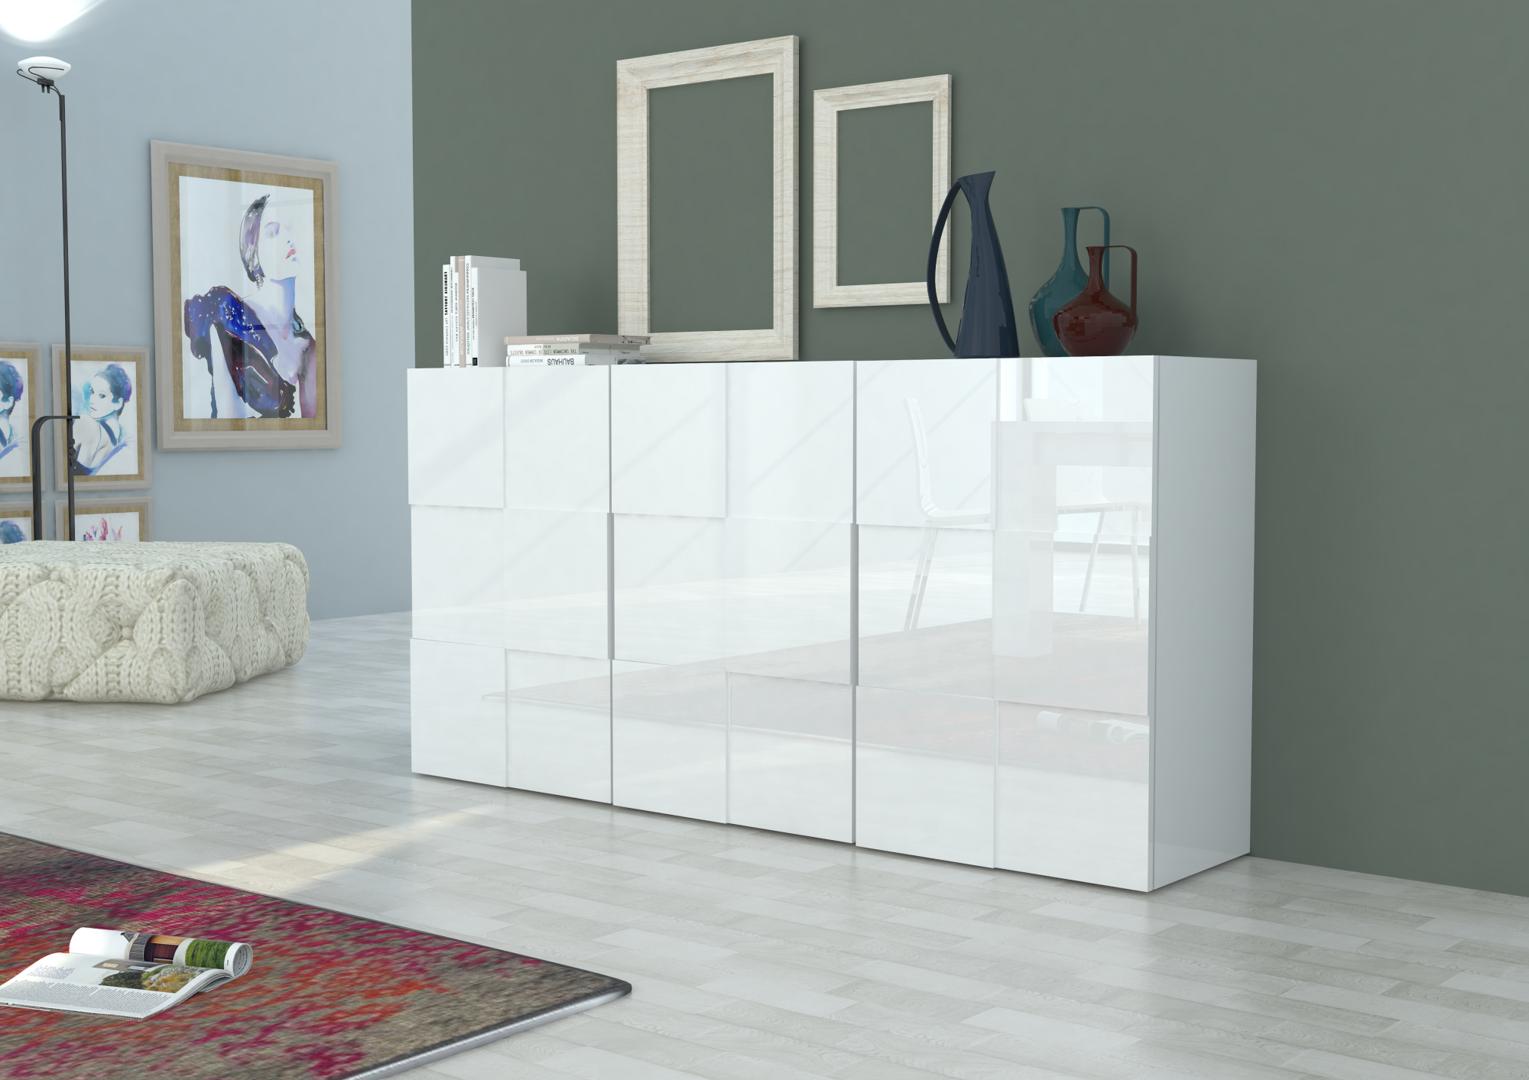 Tavoli Pranzo Soggiorno : Madia moderna bianca o antracite canada mobile soggiorno